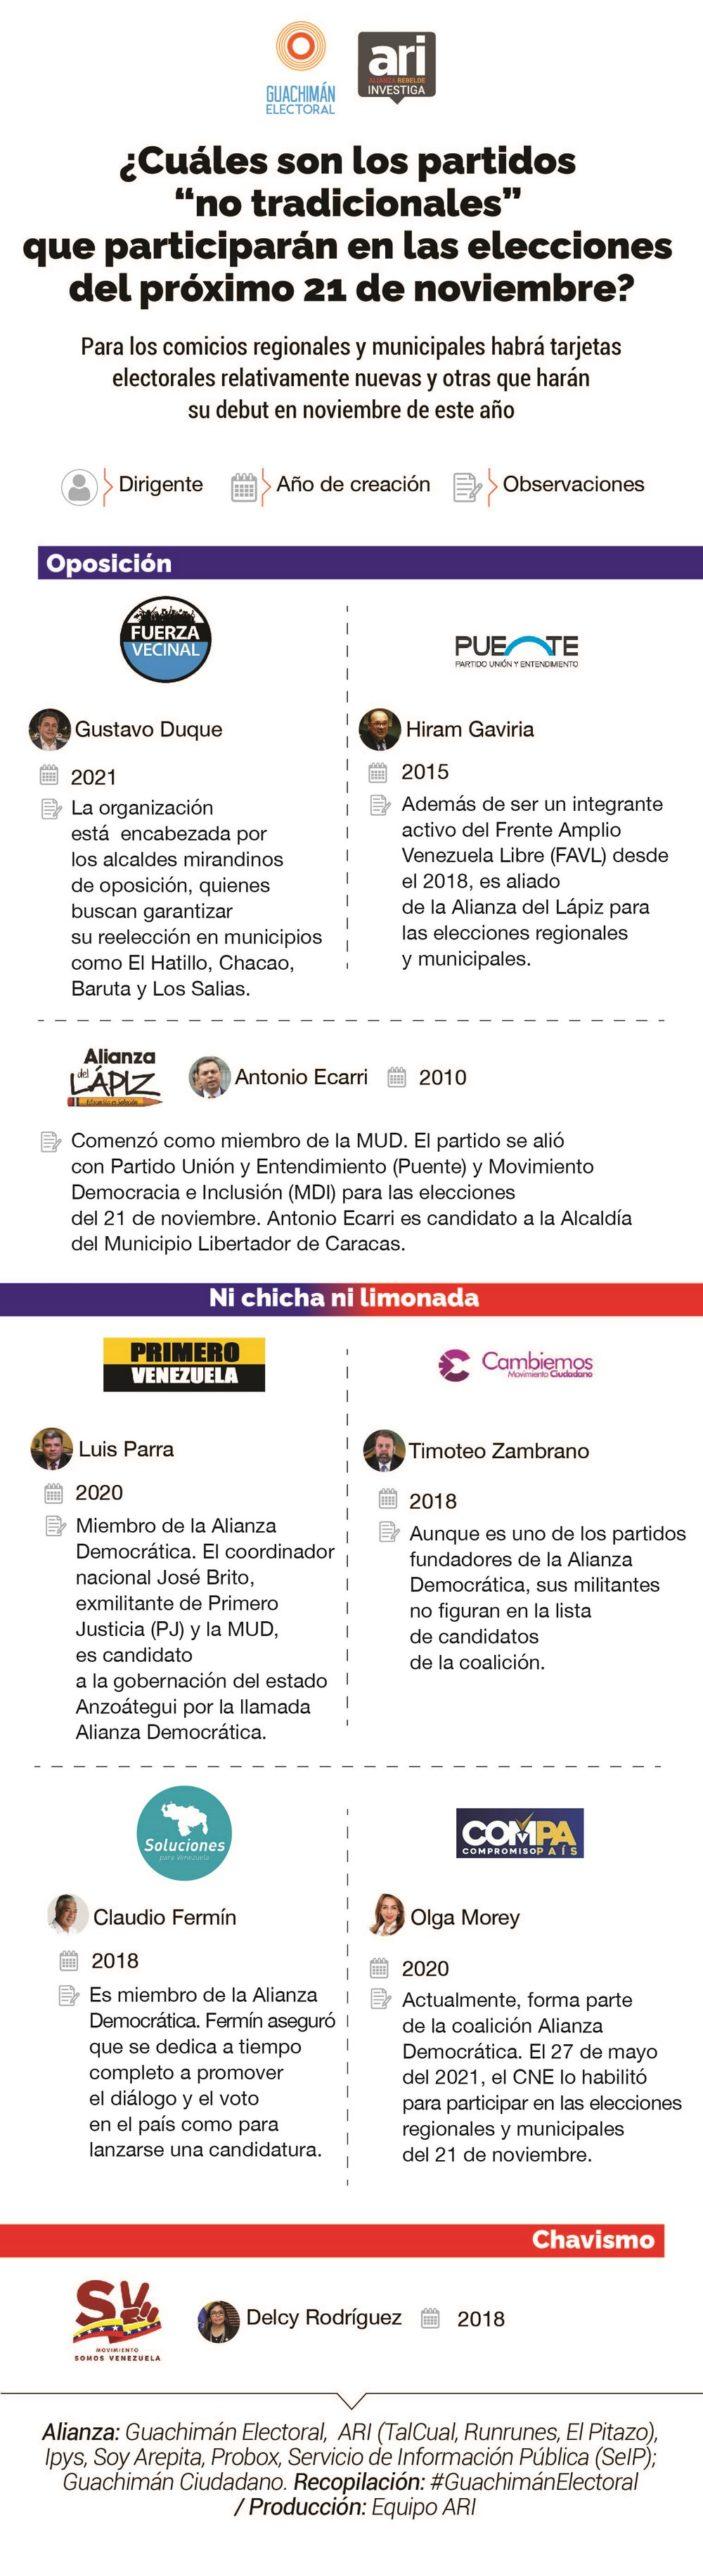 Infografía partidos políticos Guachimán